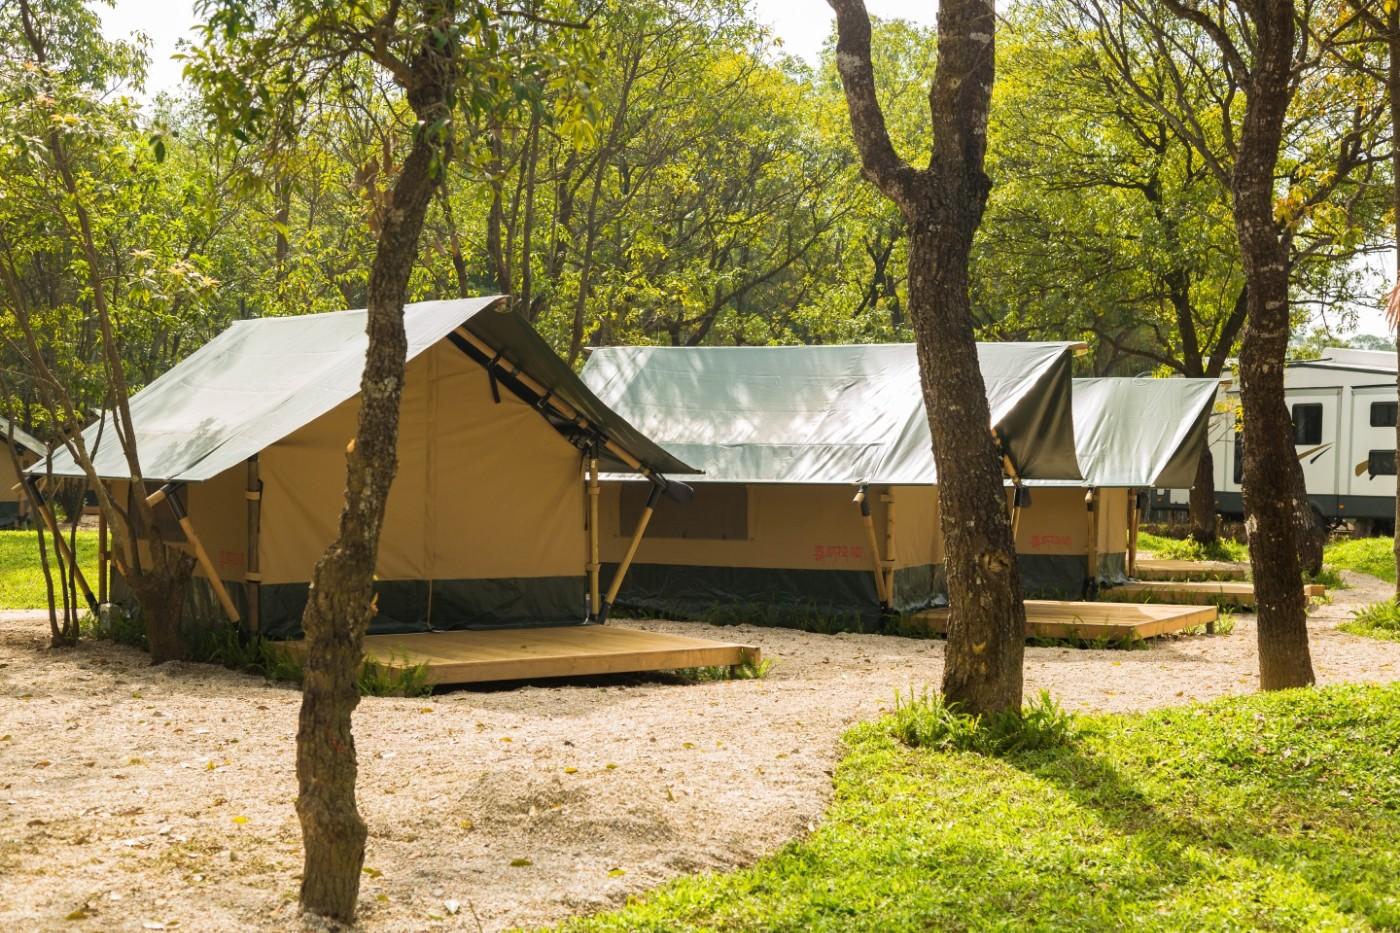 喜马拉雅青少年教育营地—广州和营天下平地帐篷酒店7